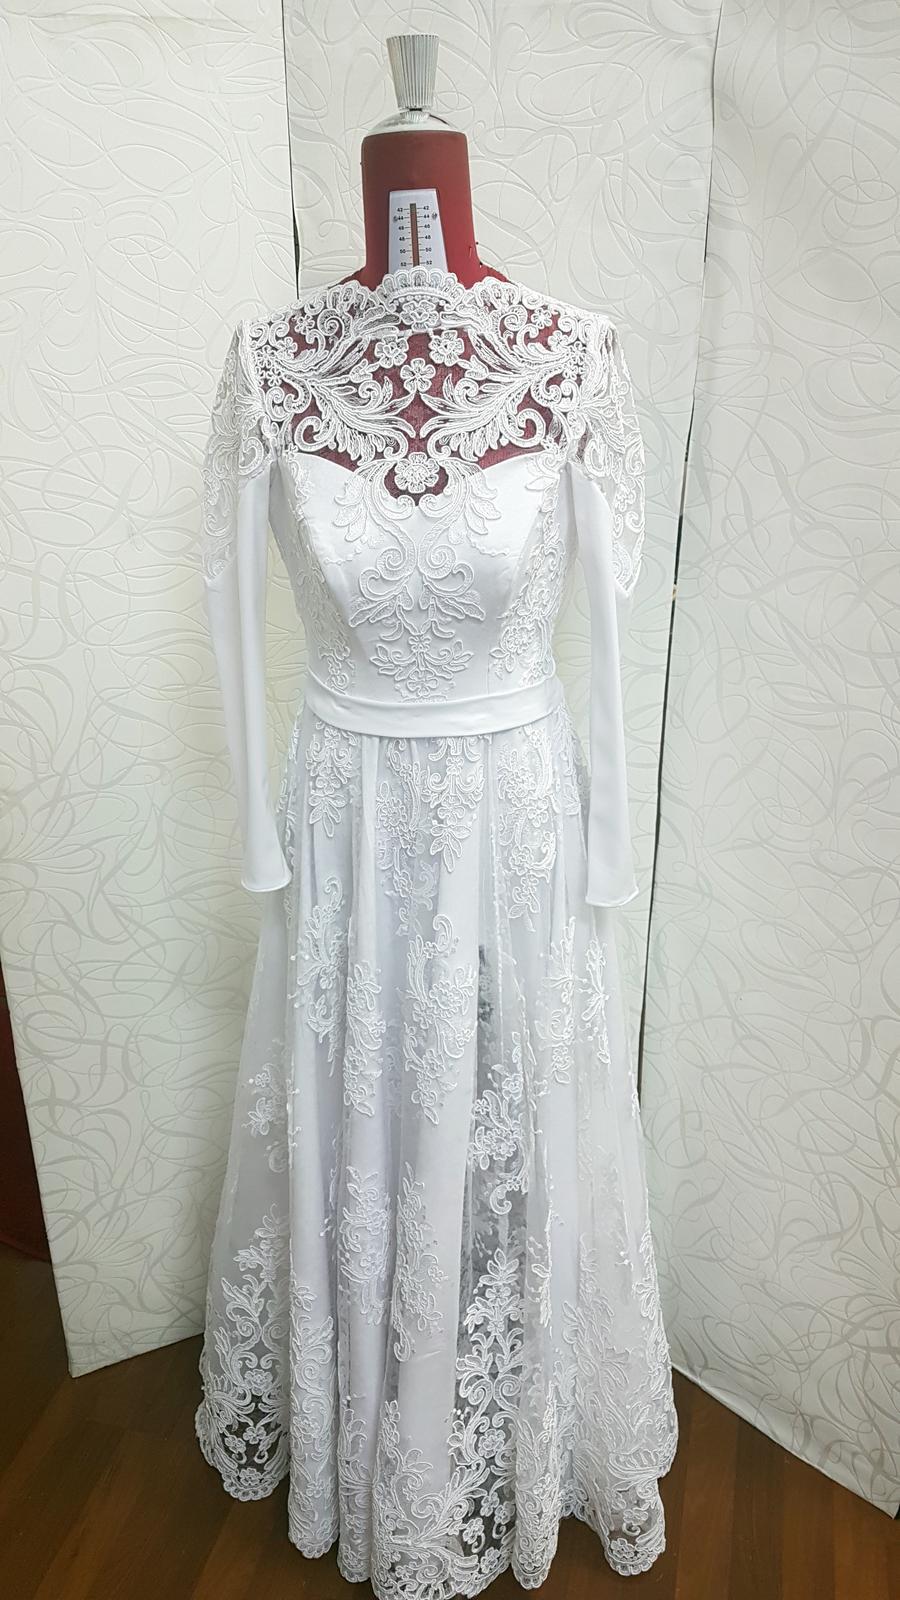 Svadobné šaty na mieru za ceny ktoré potešia - Obrázok č. 5